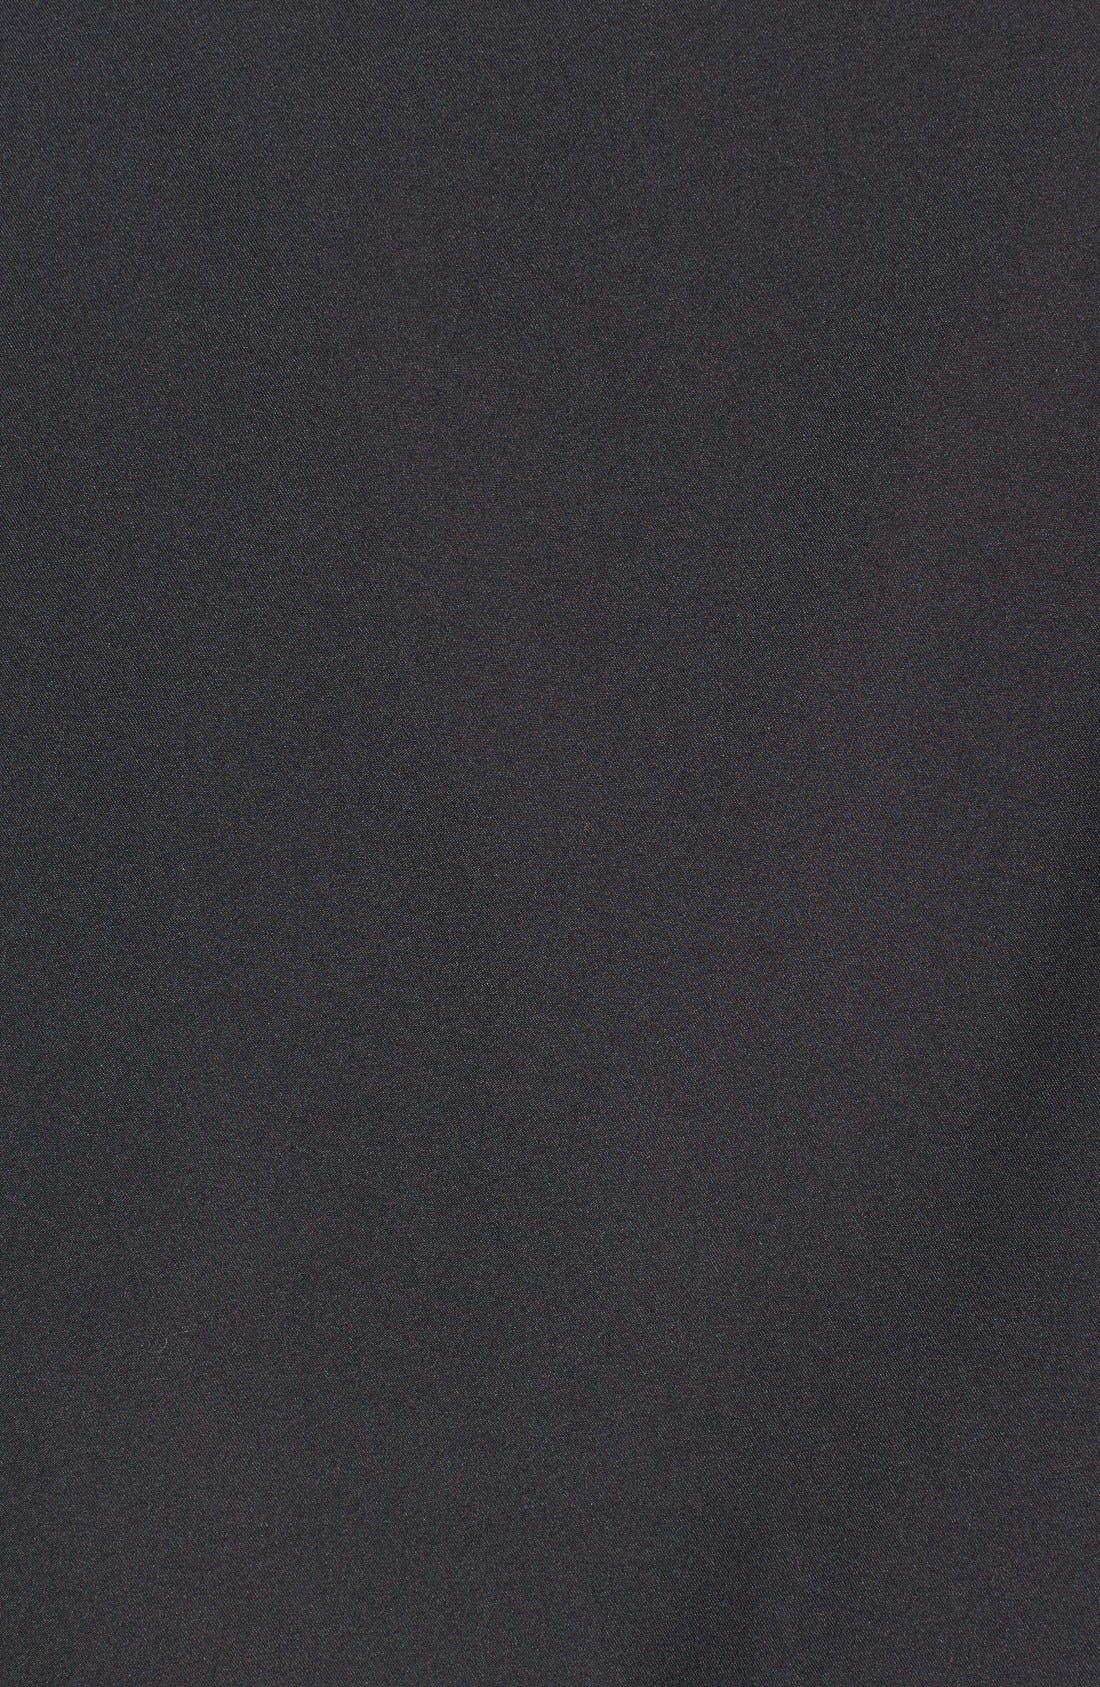 Pittsburgh Steelers - Beacon WeatherTec Wind & Water Resistant Jacket,                             Alternate thumbnail 3, color,                             Black